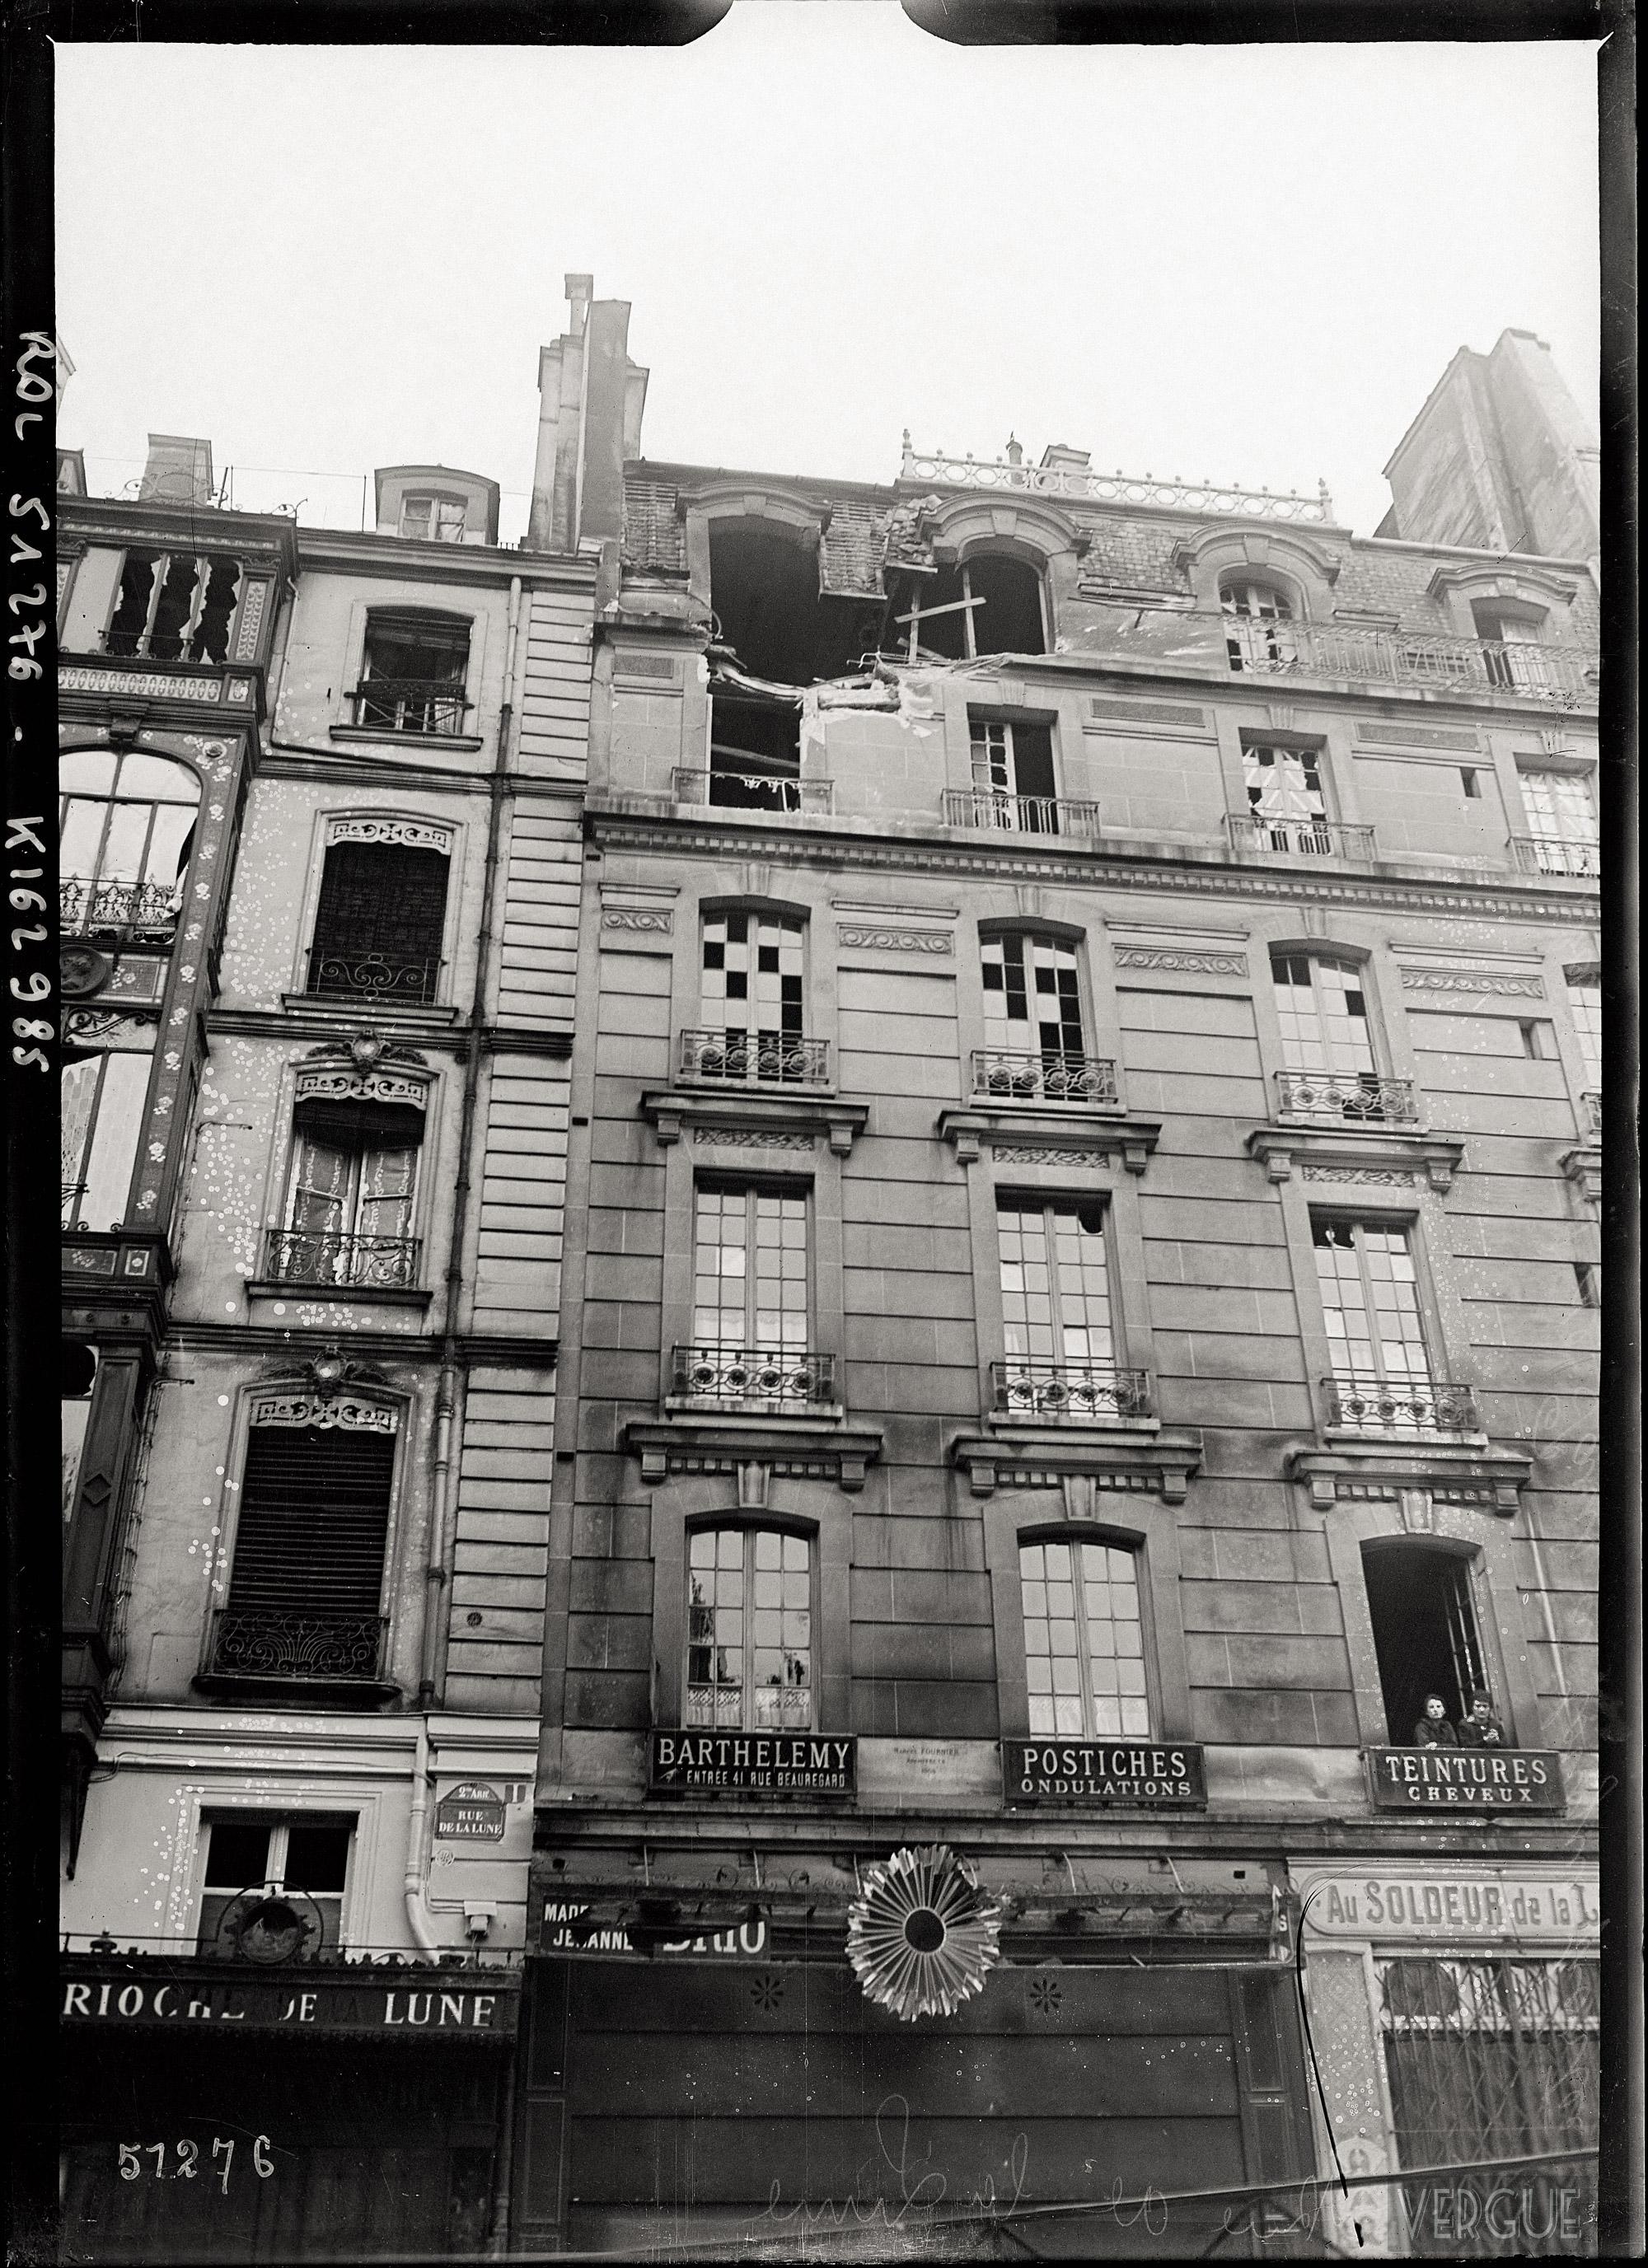 1918,Agence Rol,Bombardement rue de La Lune,1, rue de la Lune,Paris,France